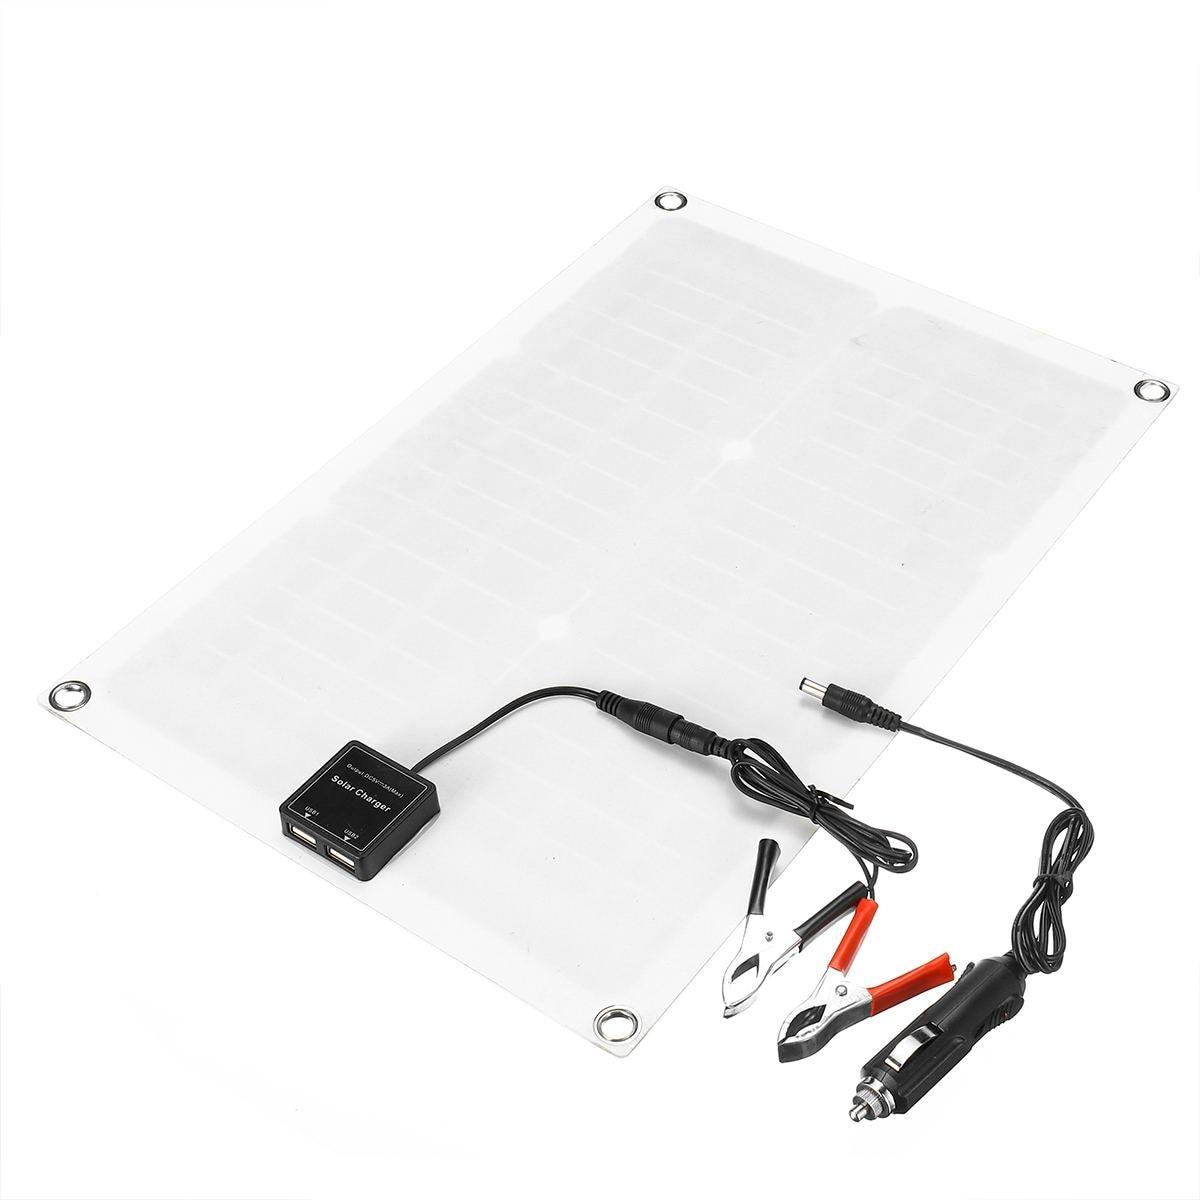 50 W panneau solaire cellules solaires Poly panneau solaire double sortie USB 10/20/30/40/50A contrôleur pour voiture Yacht 12 V batterie bateau chargeur - 6